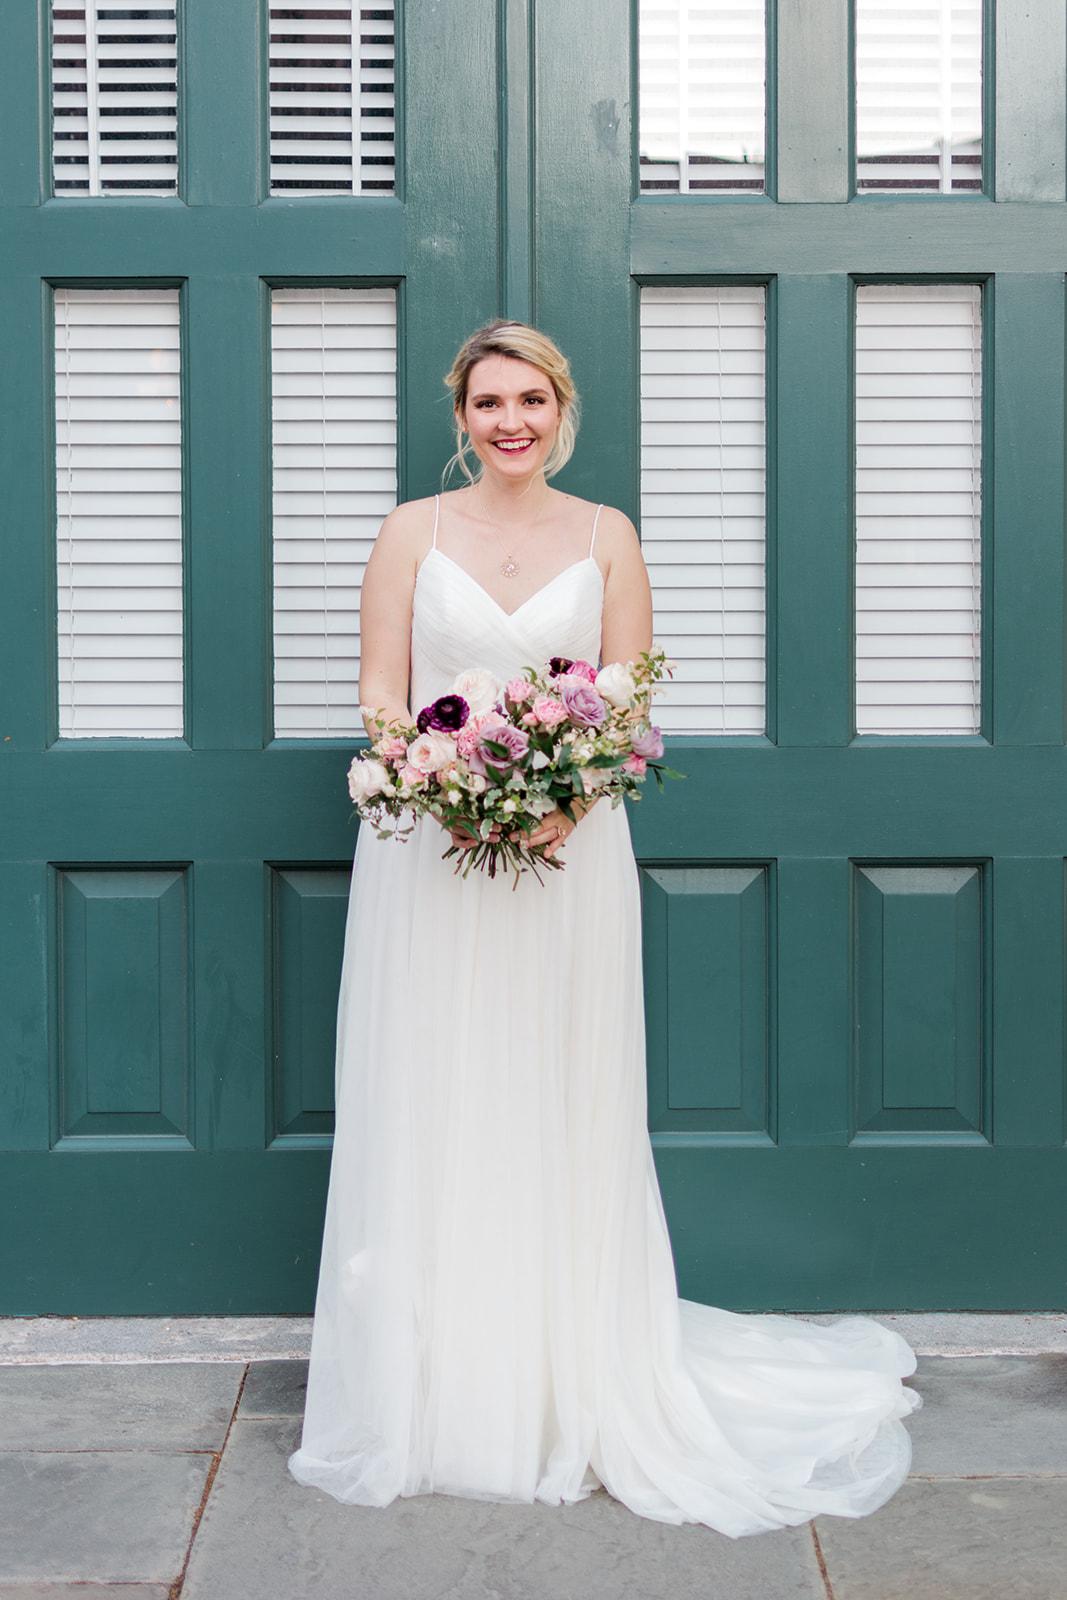 rebecca-ingram-maggie-sottero-savannah-bridal-shop-weight-loss-tips-for-brides-ivory-and-beau-savannah-bridal.jpg